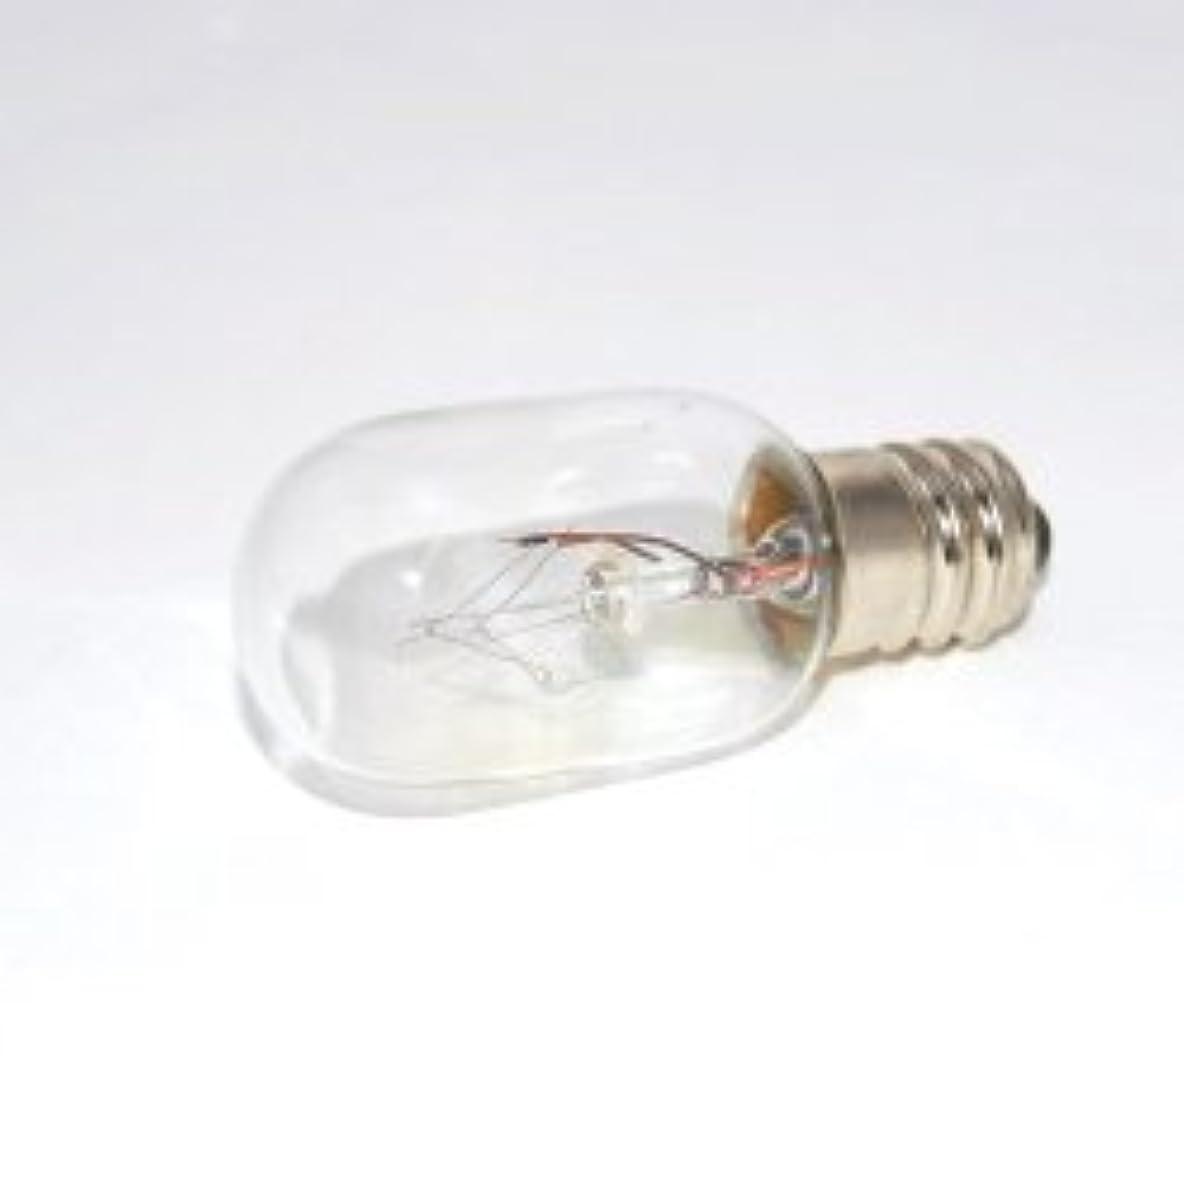 政権後継没頭するアロマライト電球 E12 10W クリアー